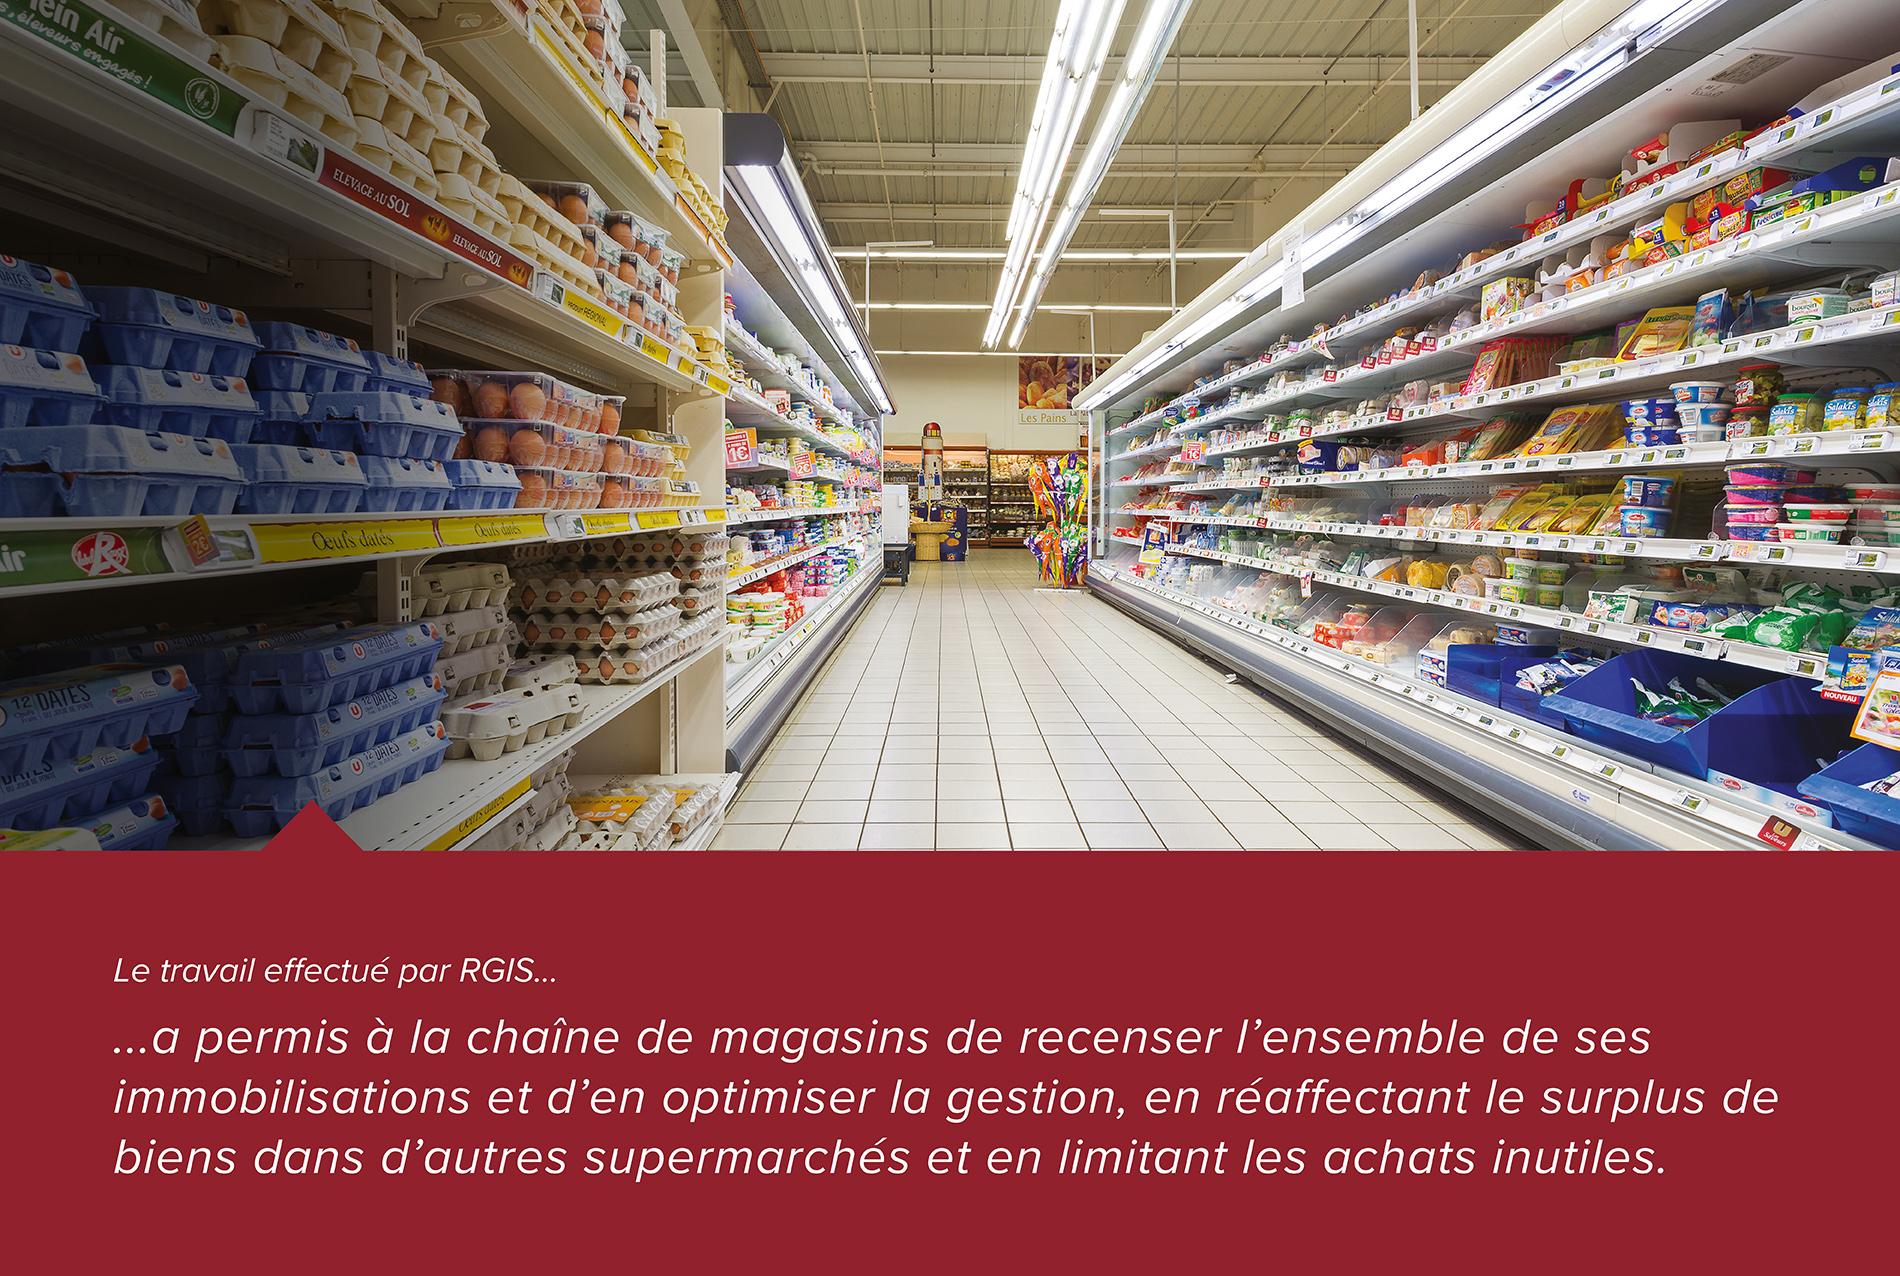 Étude de cas RGIS d'un projet de vérification des actifs d'un supermarché